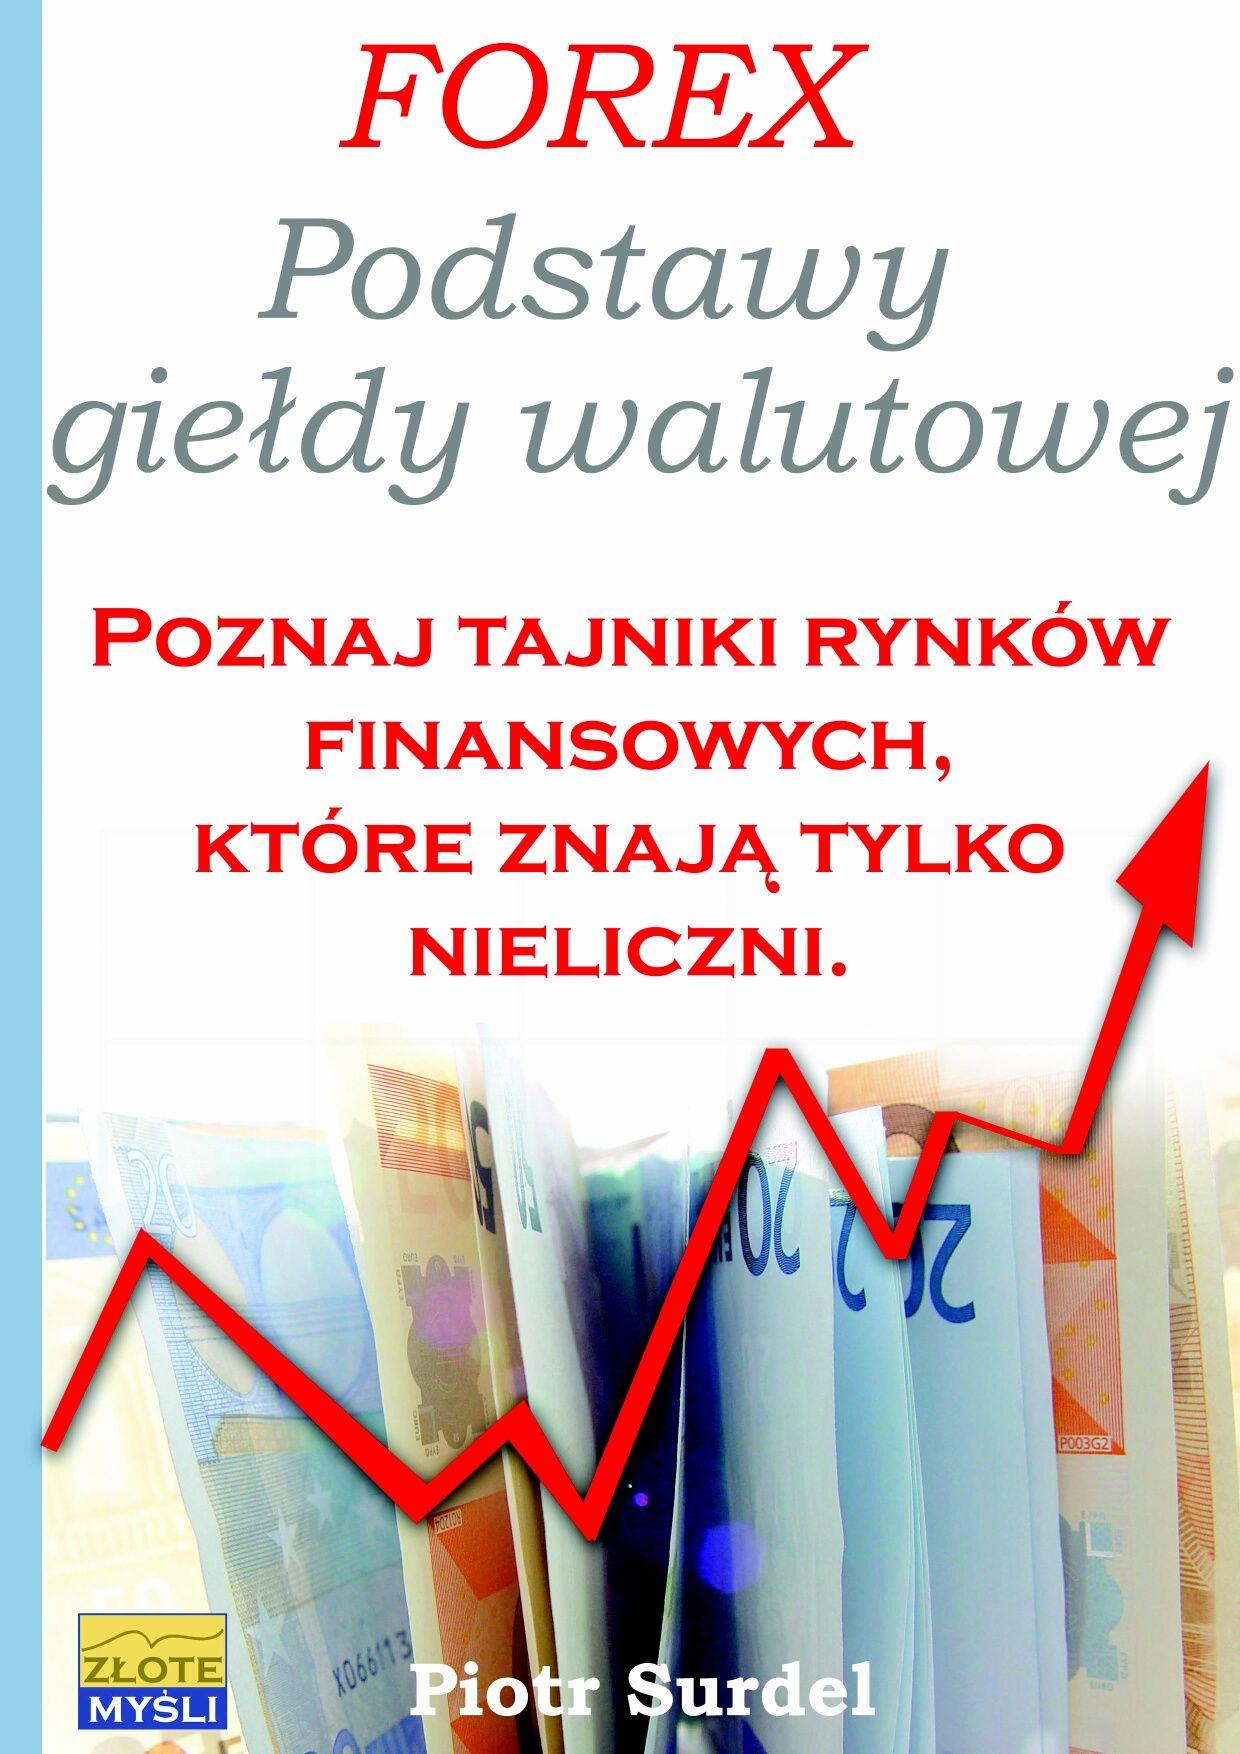 Forex 1. Podstawy Giełdy Walutowej - Piotr Surdel - ebook